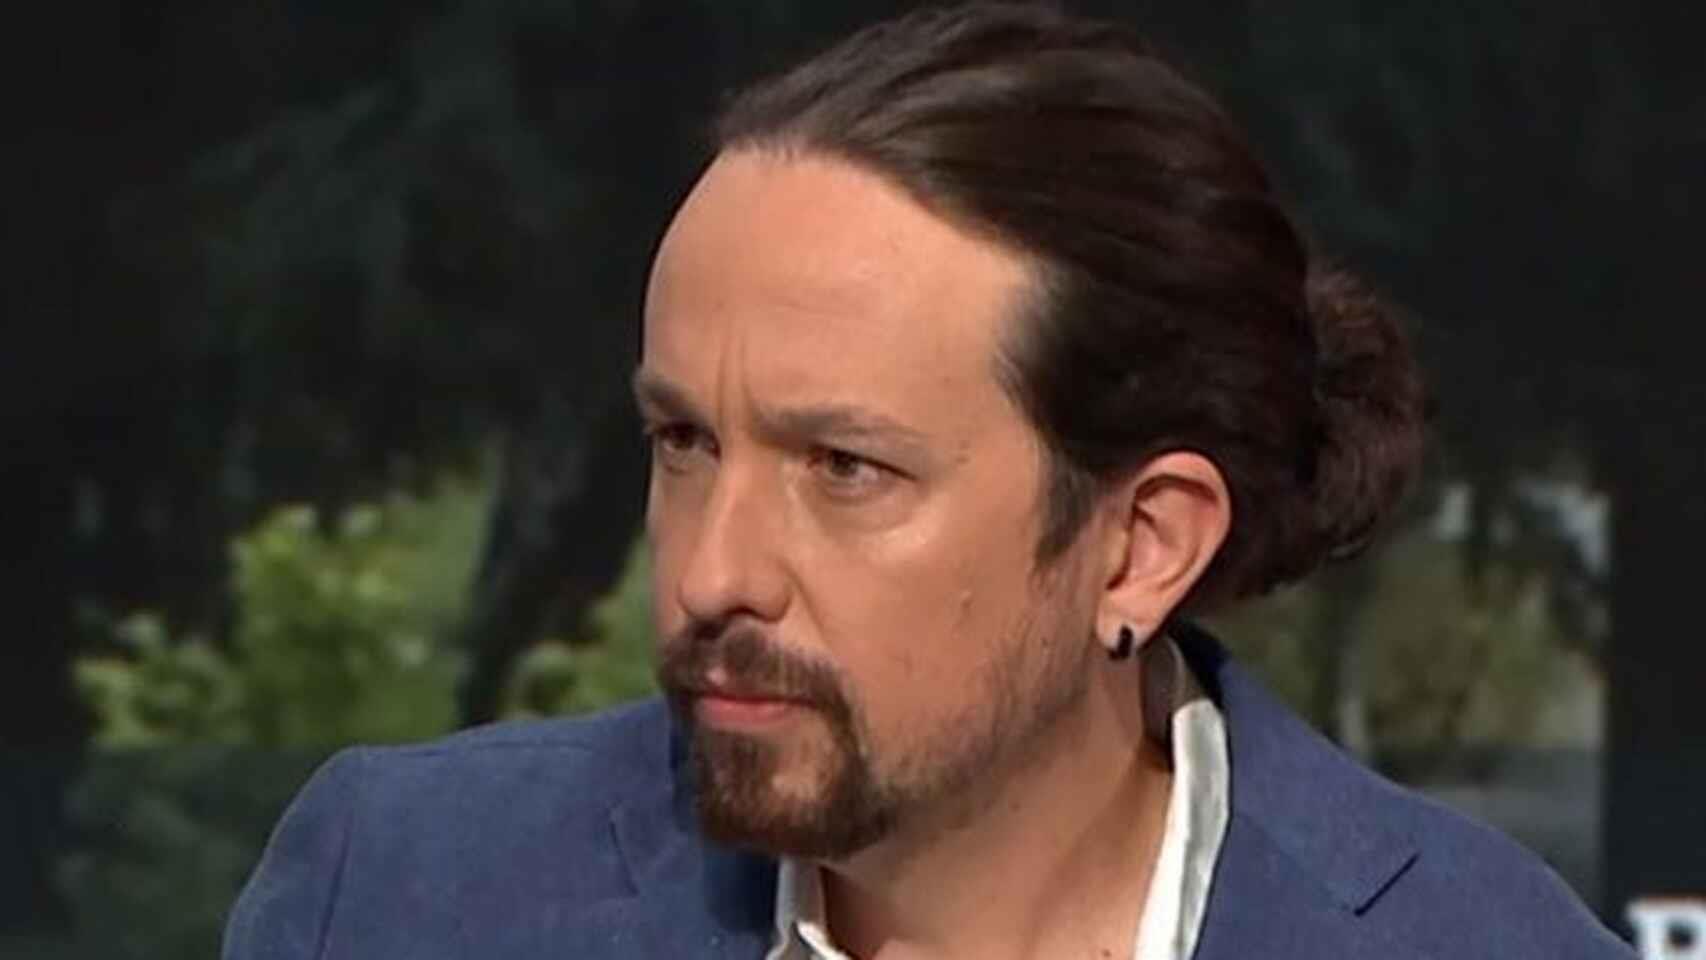 Espagne: le chef de Podemos quitte le gouvernement